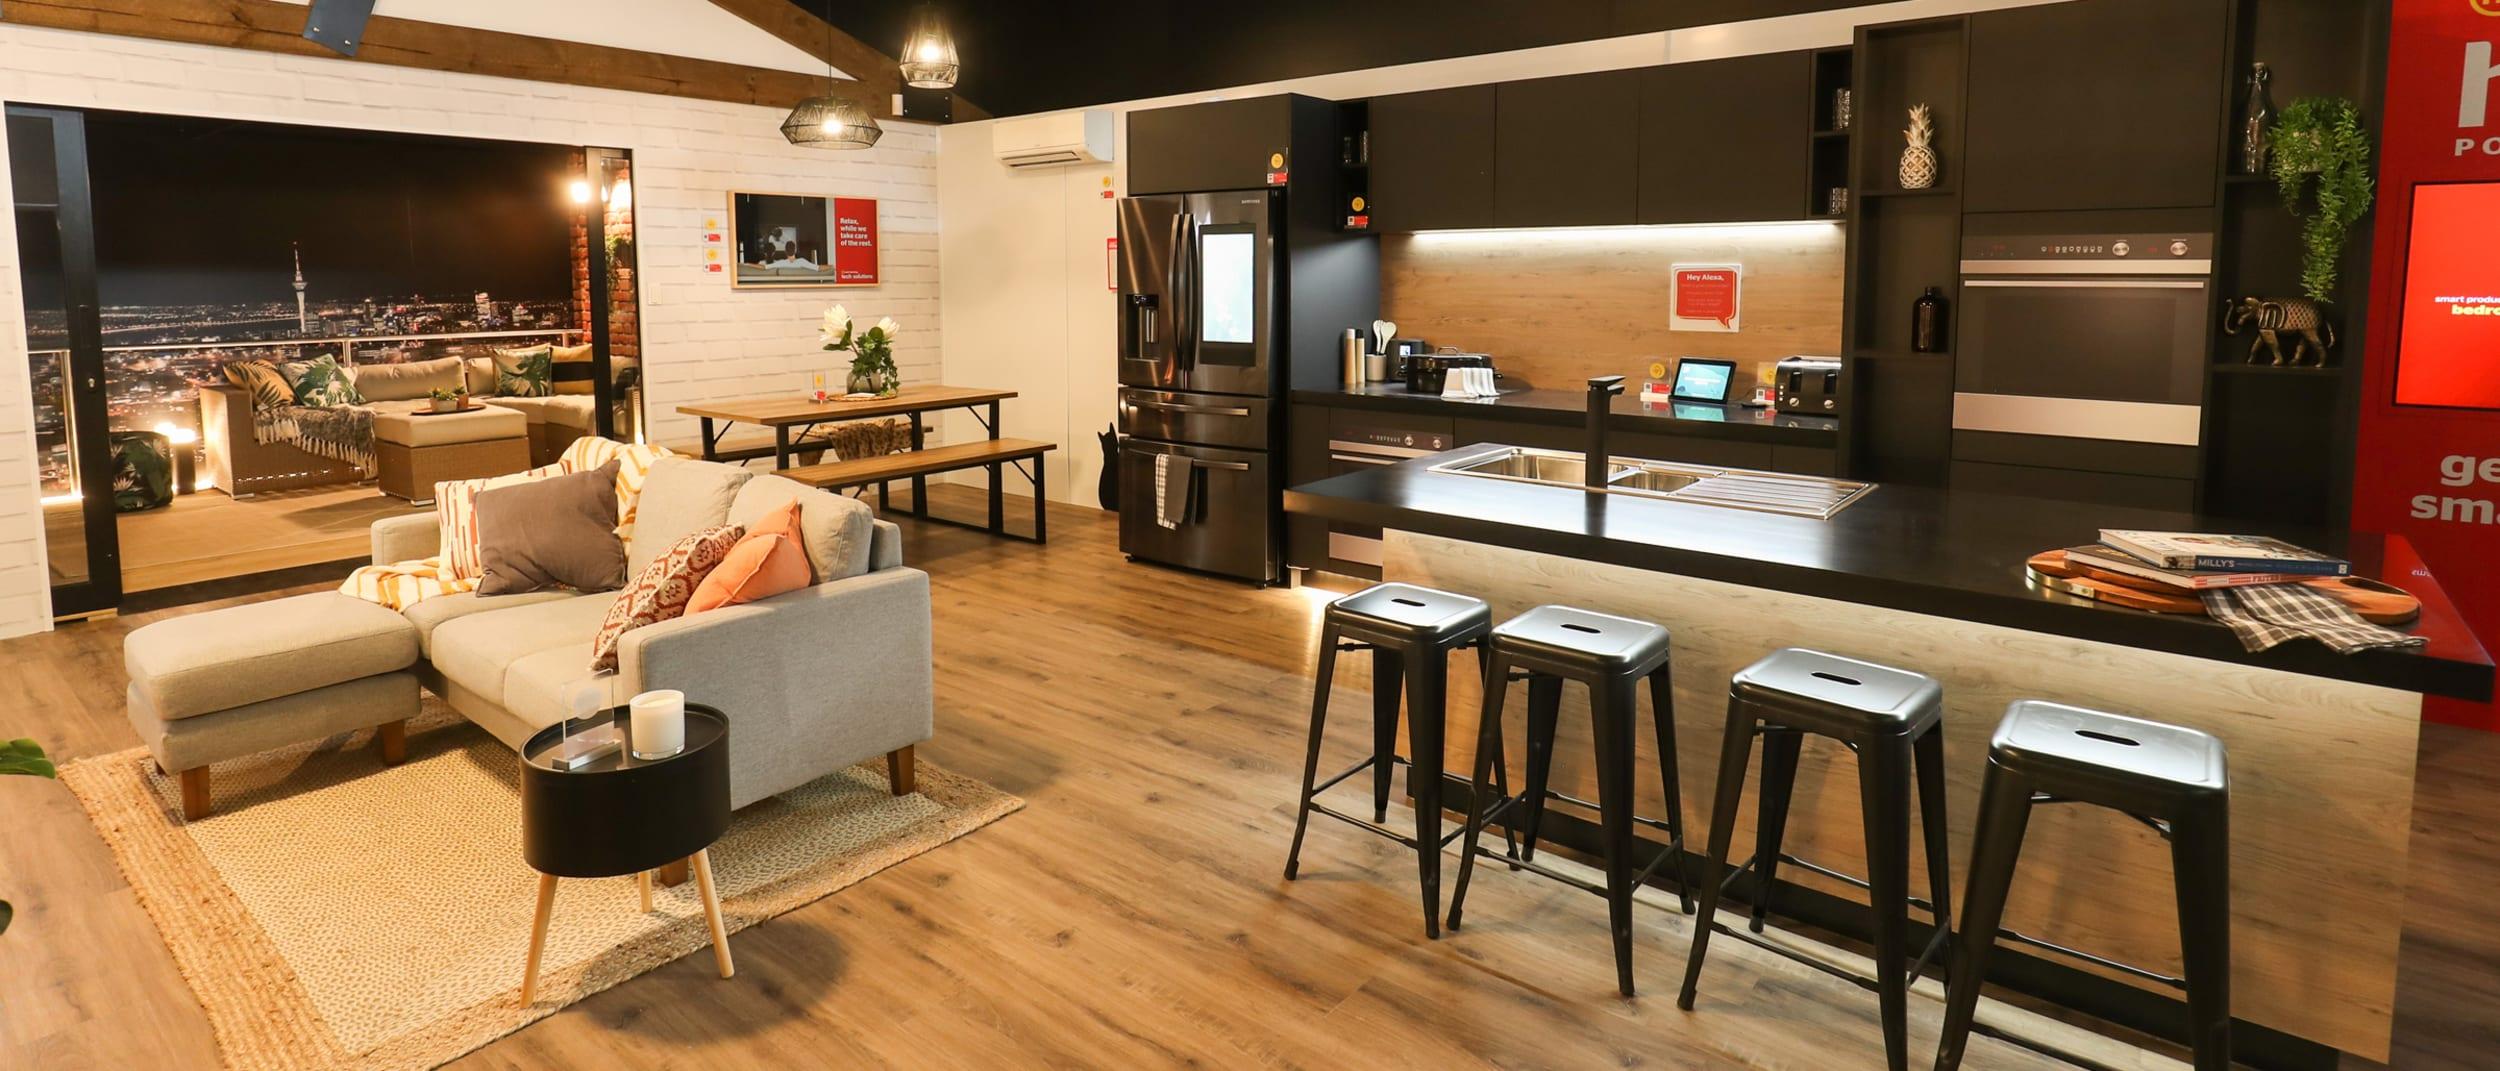 The Noel Leeming Smart-Home